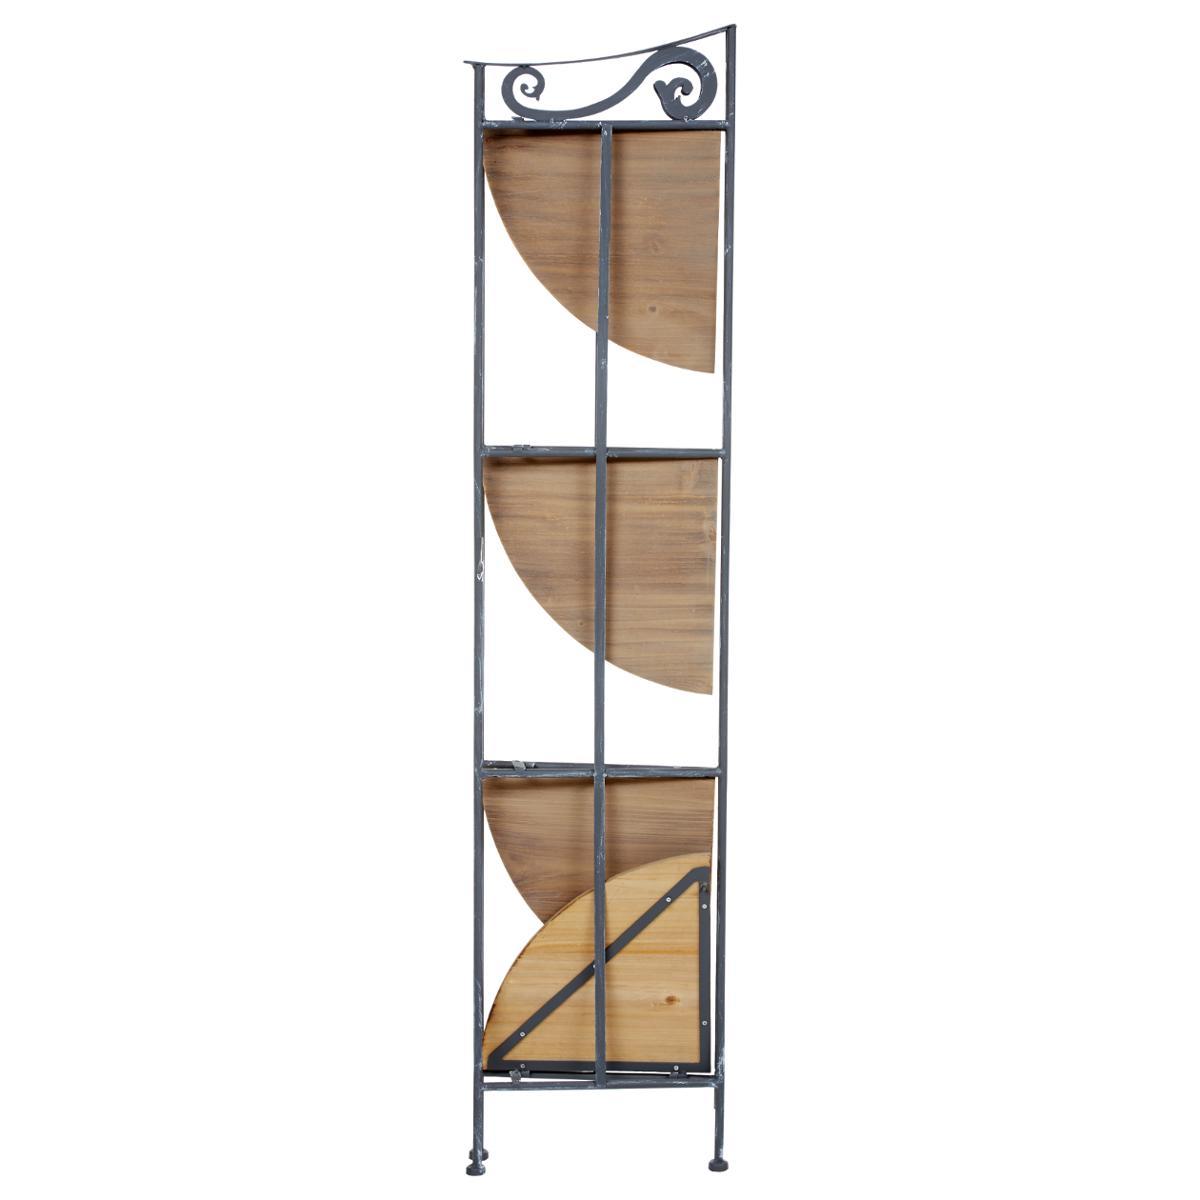 etagere d angle 4 etages metal grise blanchi et plateaux bois 31x31xh131cm